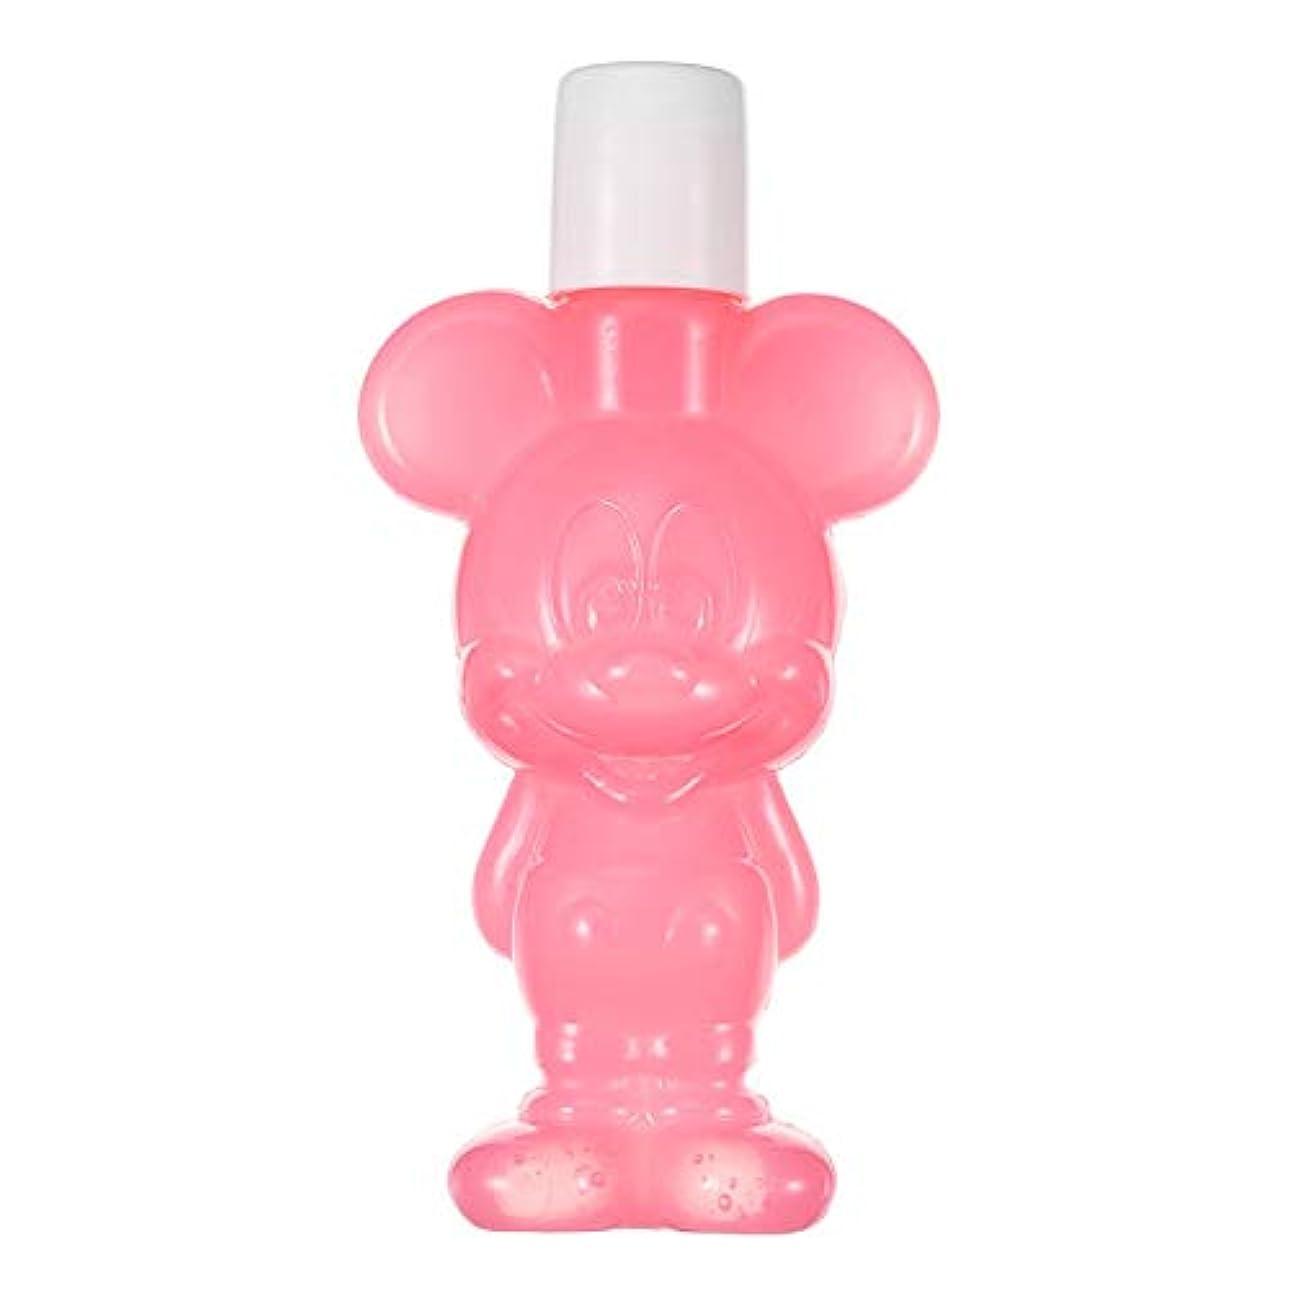 ディズニーストア(公式)保湿ジェル ミッキー ピンク Gummy Candy Cosme